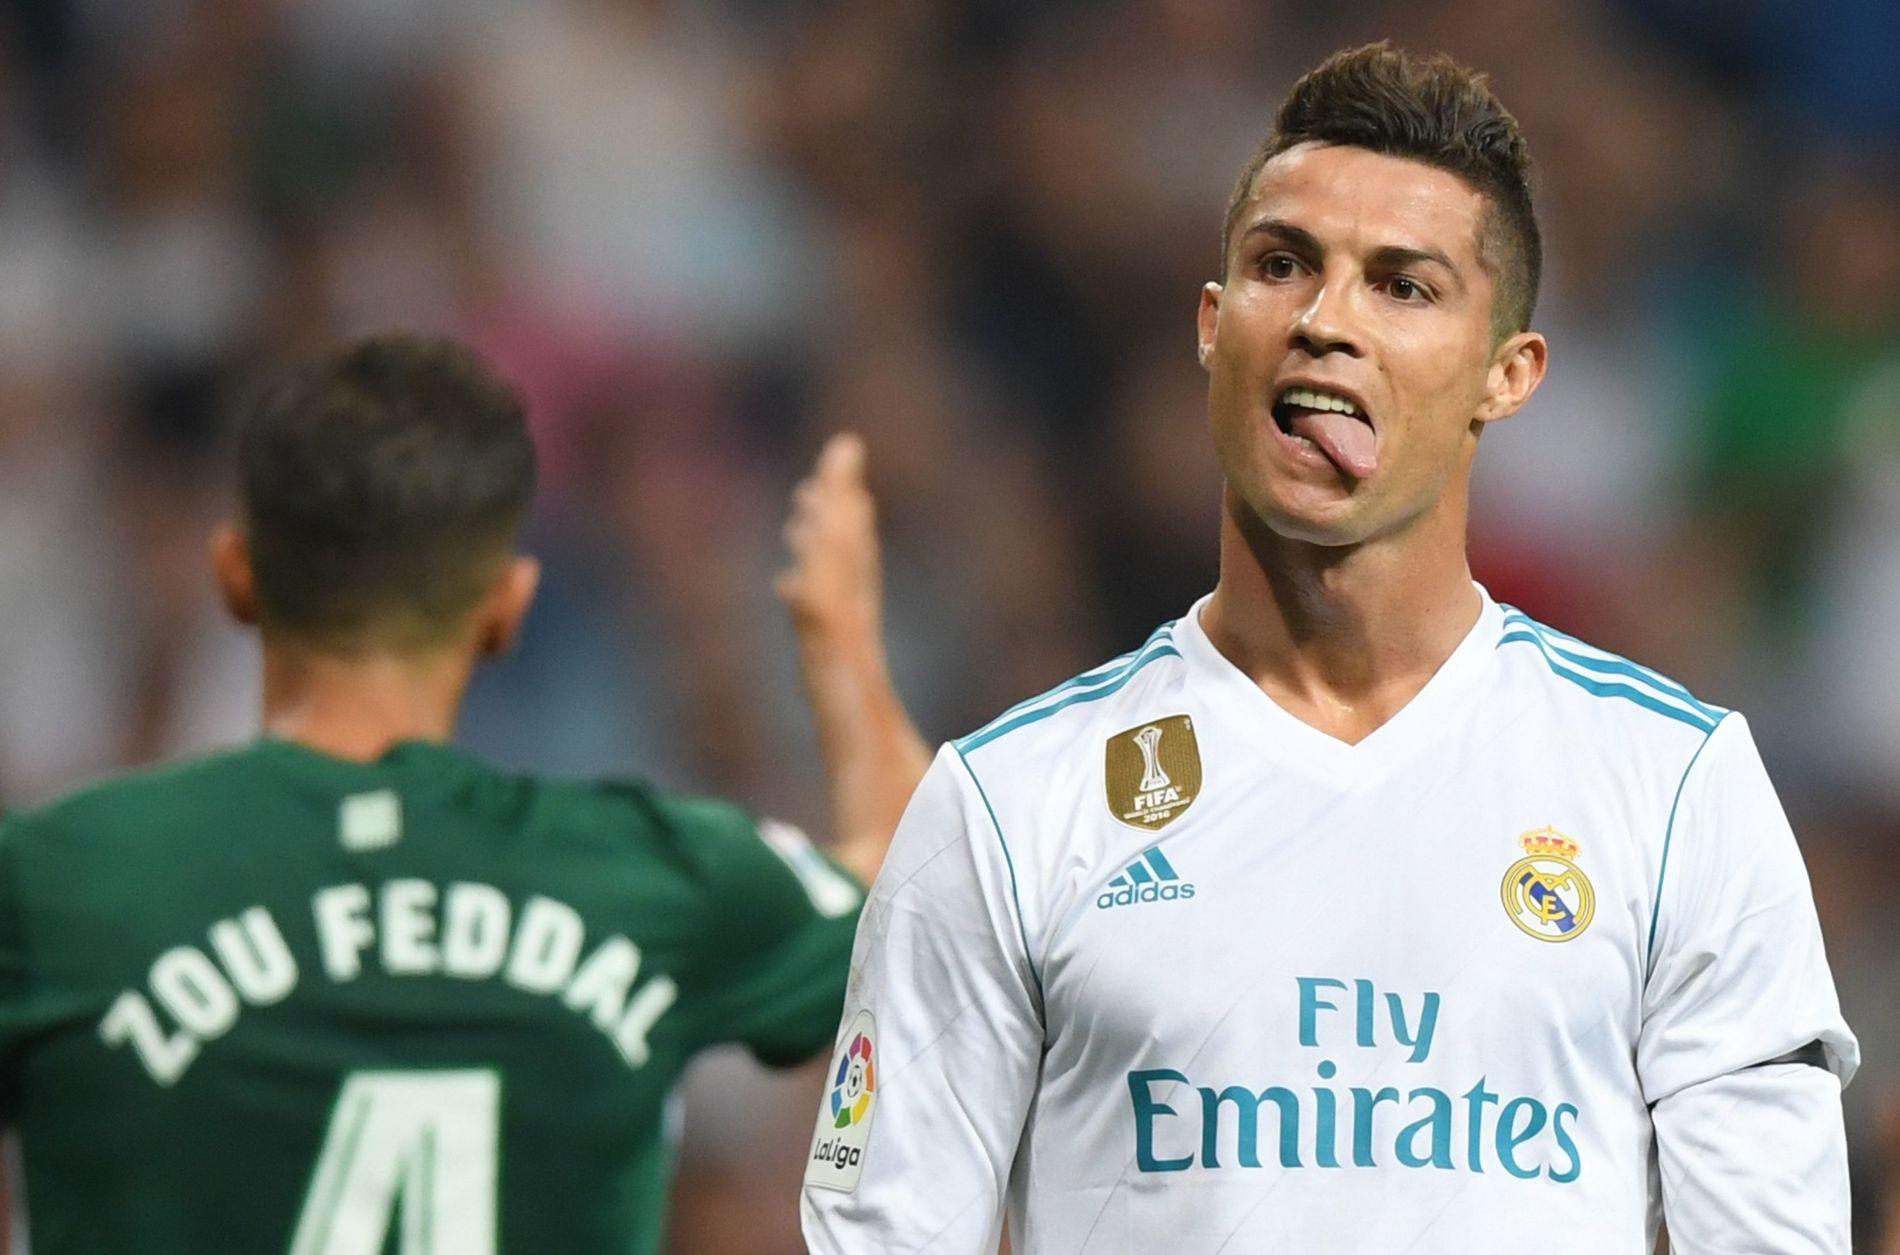 SUPERSTJERNE: Cristiano Ronaldo gjør en grimase under kampen mot Real Betis høsten 2017.